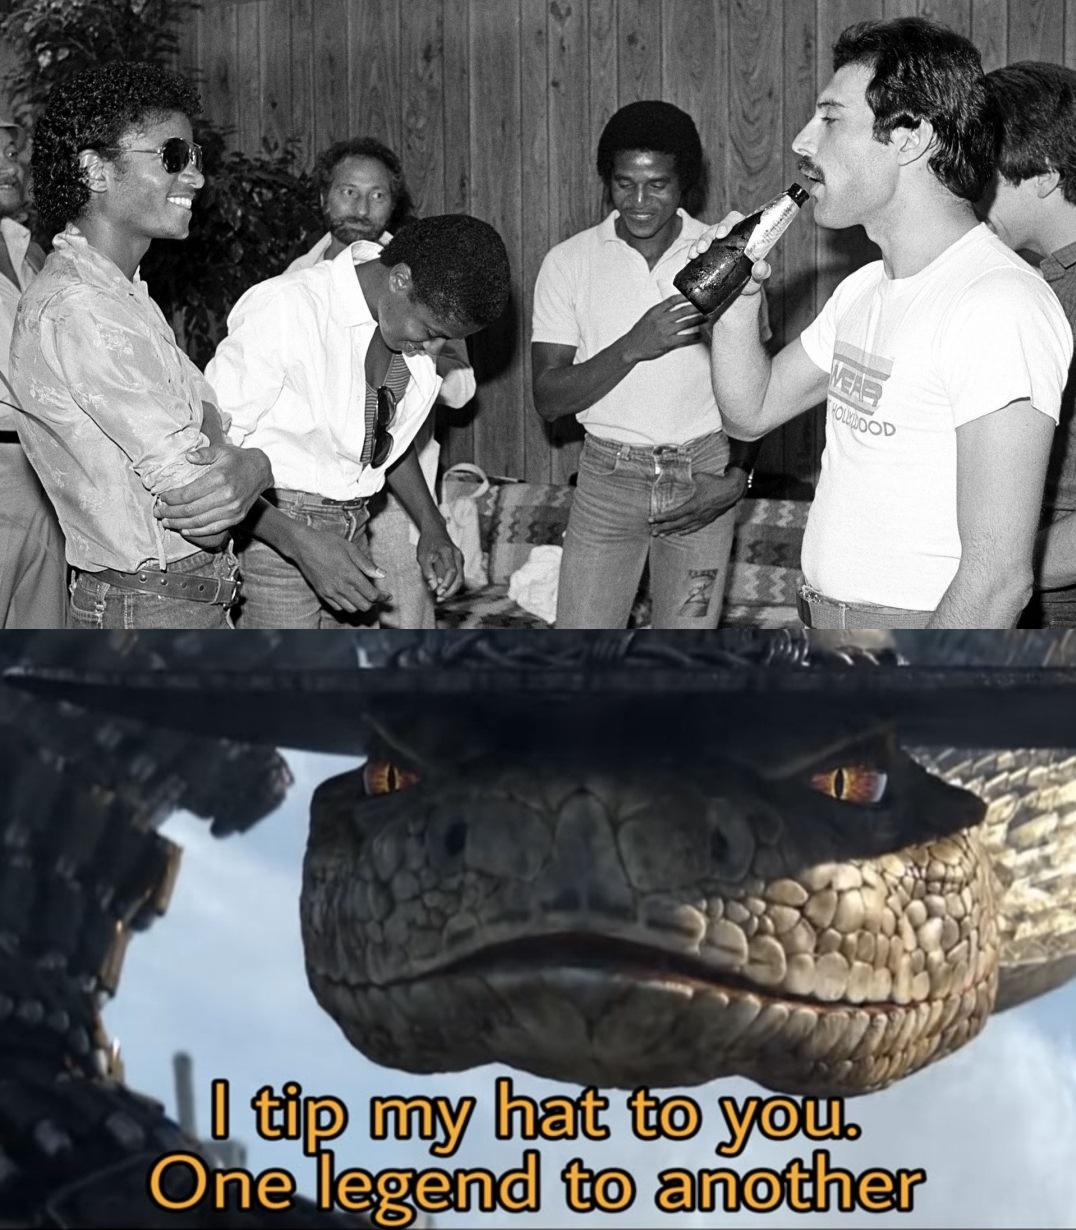 Creditos a un buen amigo mio que me dio la idea. PD: Perdón pero no logre encontrar la plantilla en español :/. PD: para la gente que no los reconozca son Freddie Mercury y Michael Jackson - meme